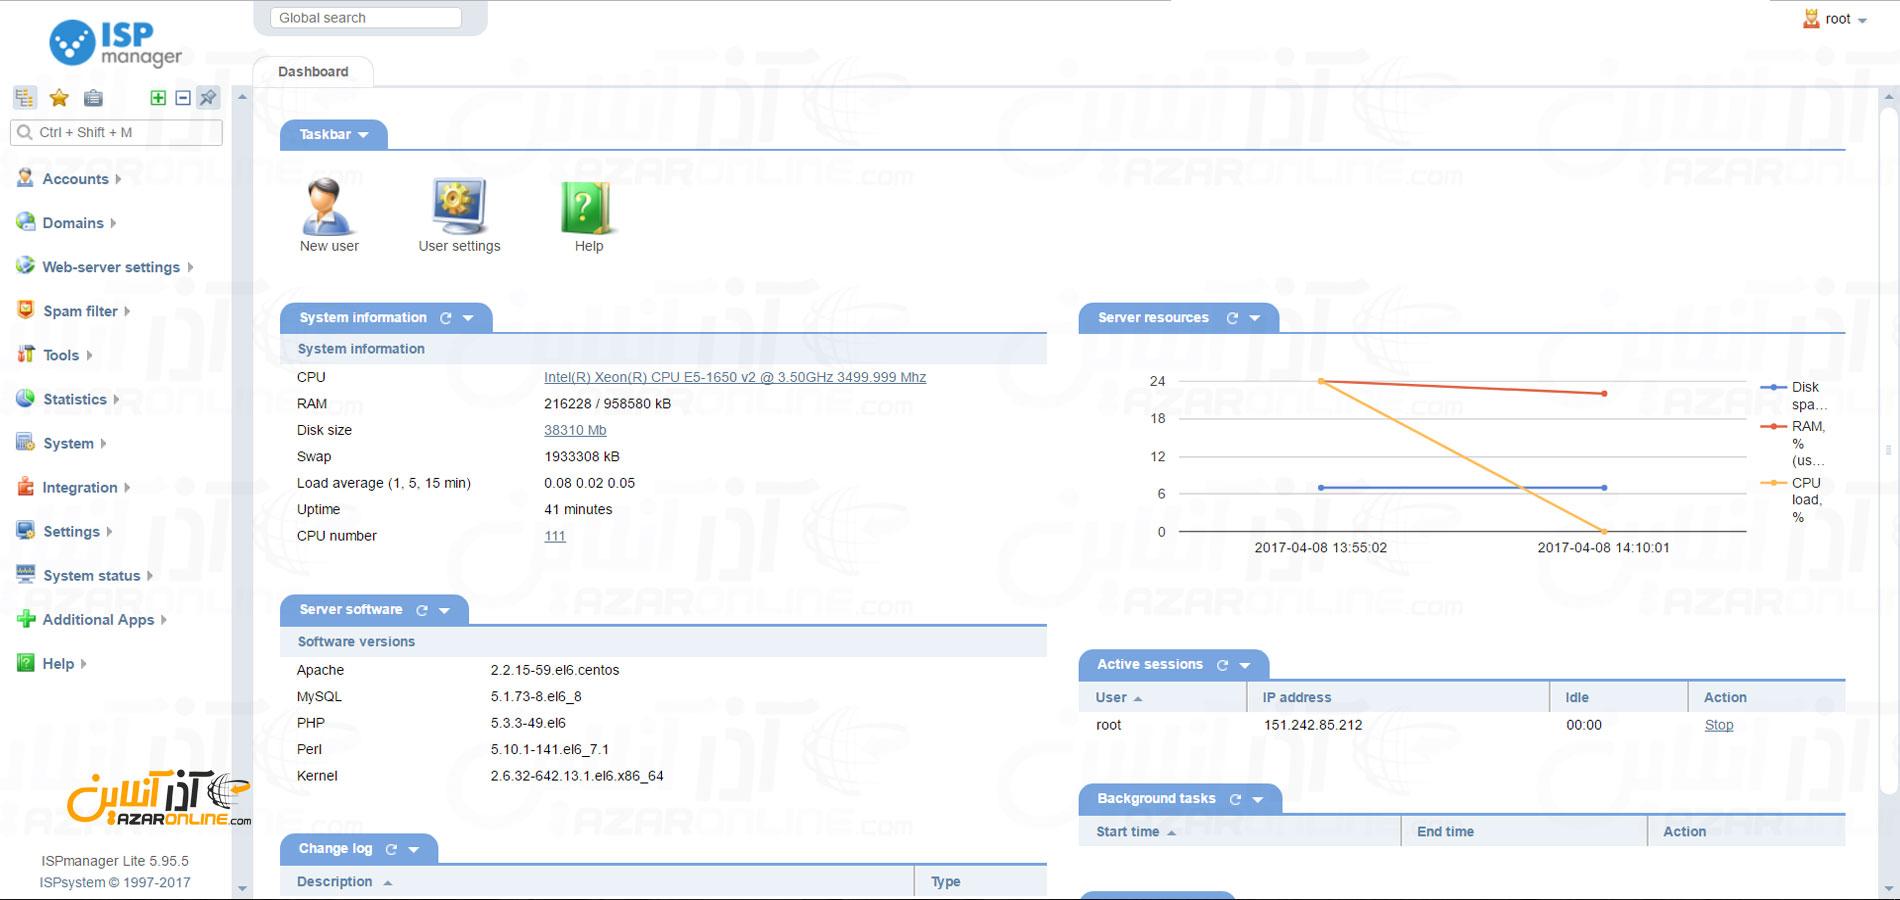 نصب کنترل پنل ISPmanager در لینوکس CentOS - صفحه اصلی ISPmanager